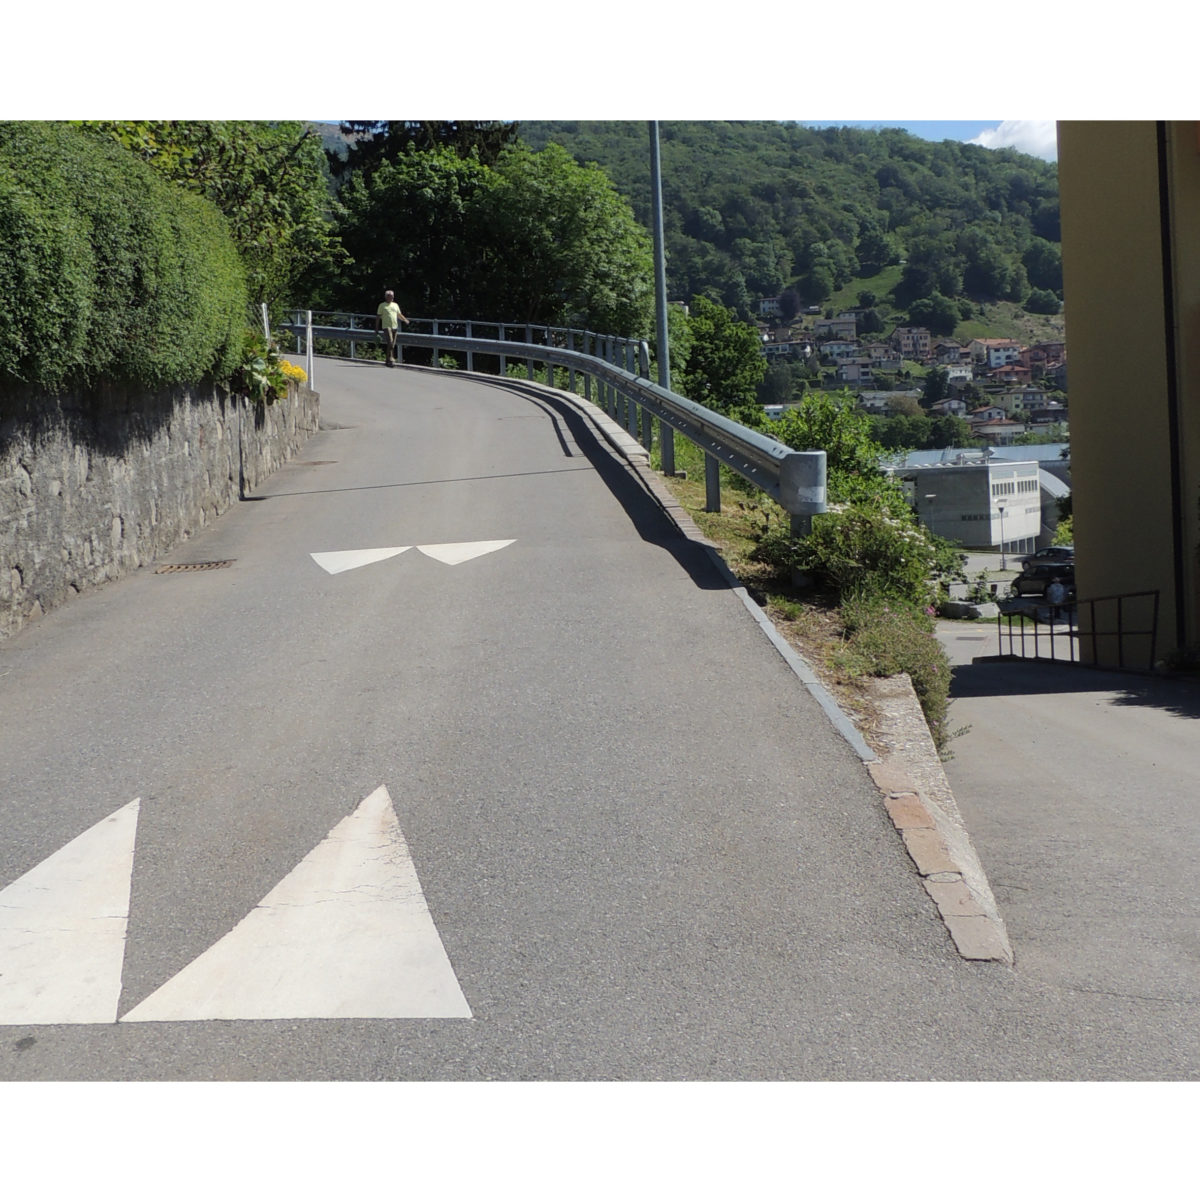 Riqualifica via al Convento e via Poggio, Capriasca